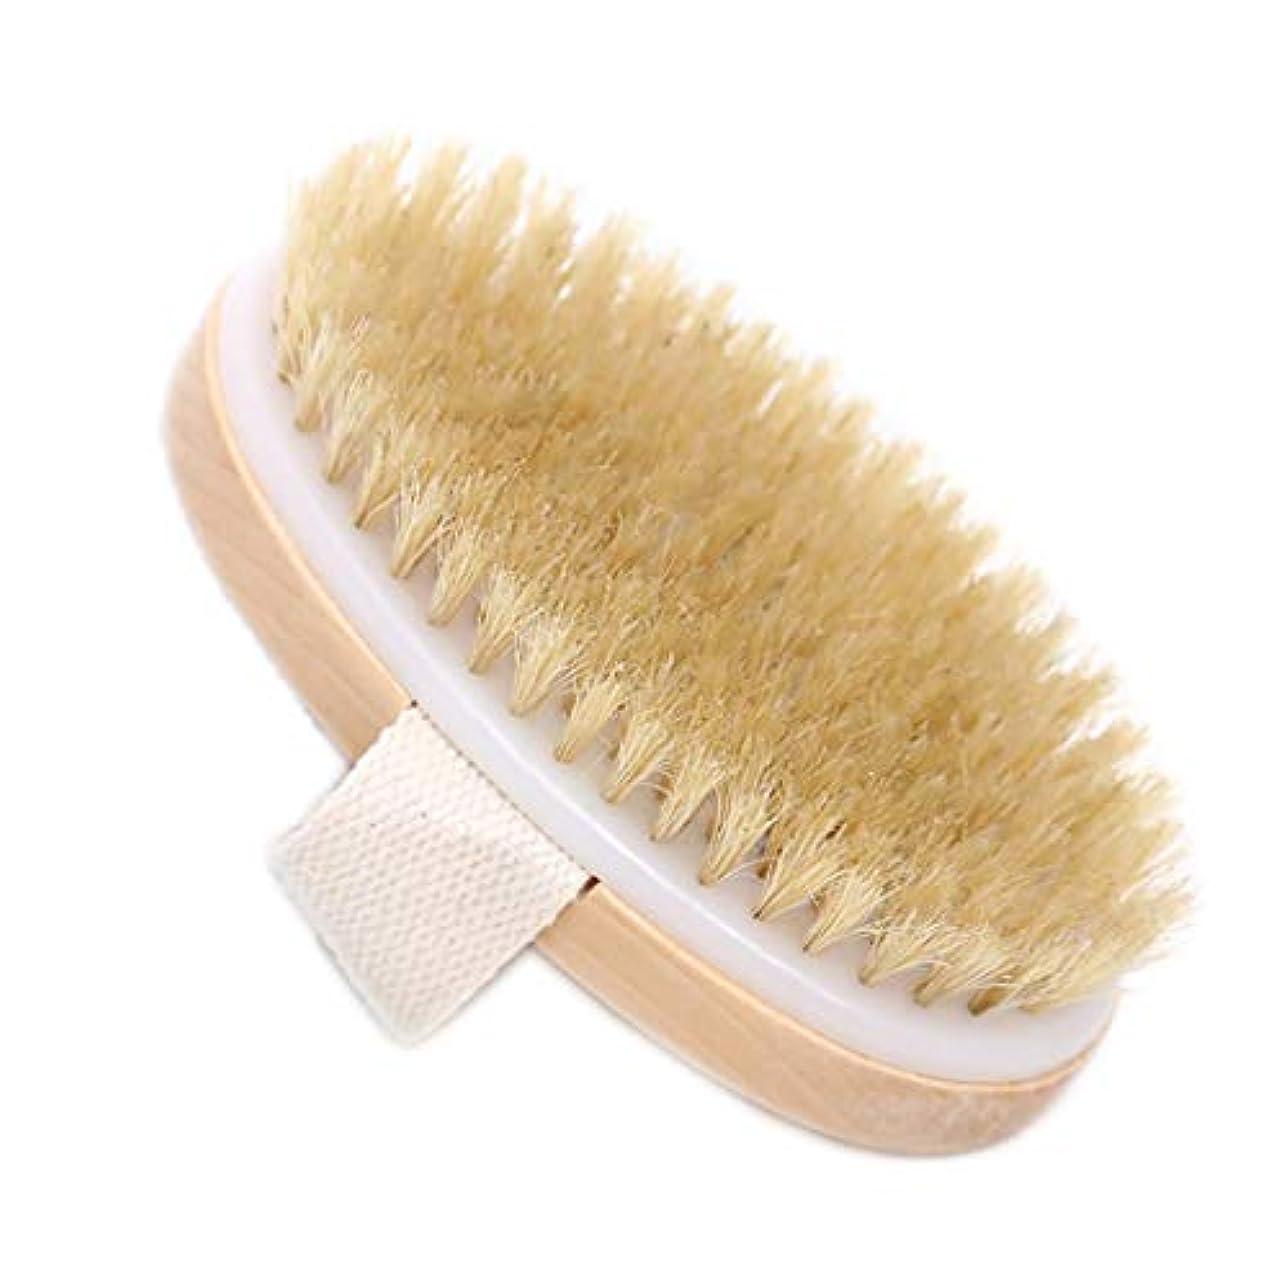 方言環境ストロークMaltose ボディブラシ 豚毛 天然素材 木製 短柄 足を洗う 角質除去 美肌 バス用品 (C:12.5 * 7CM)